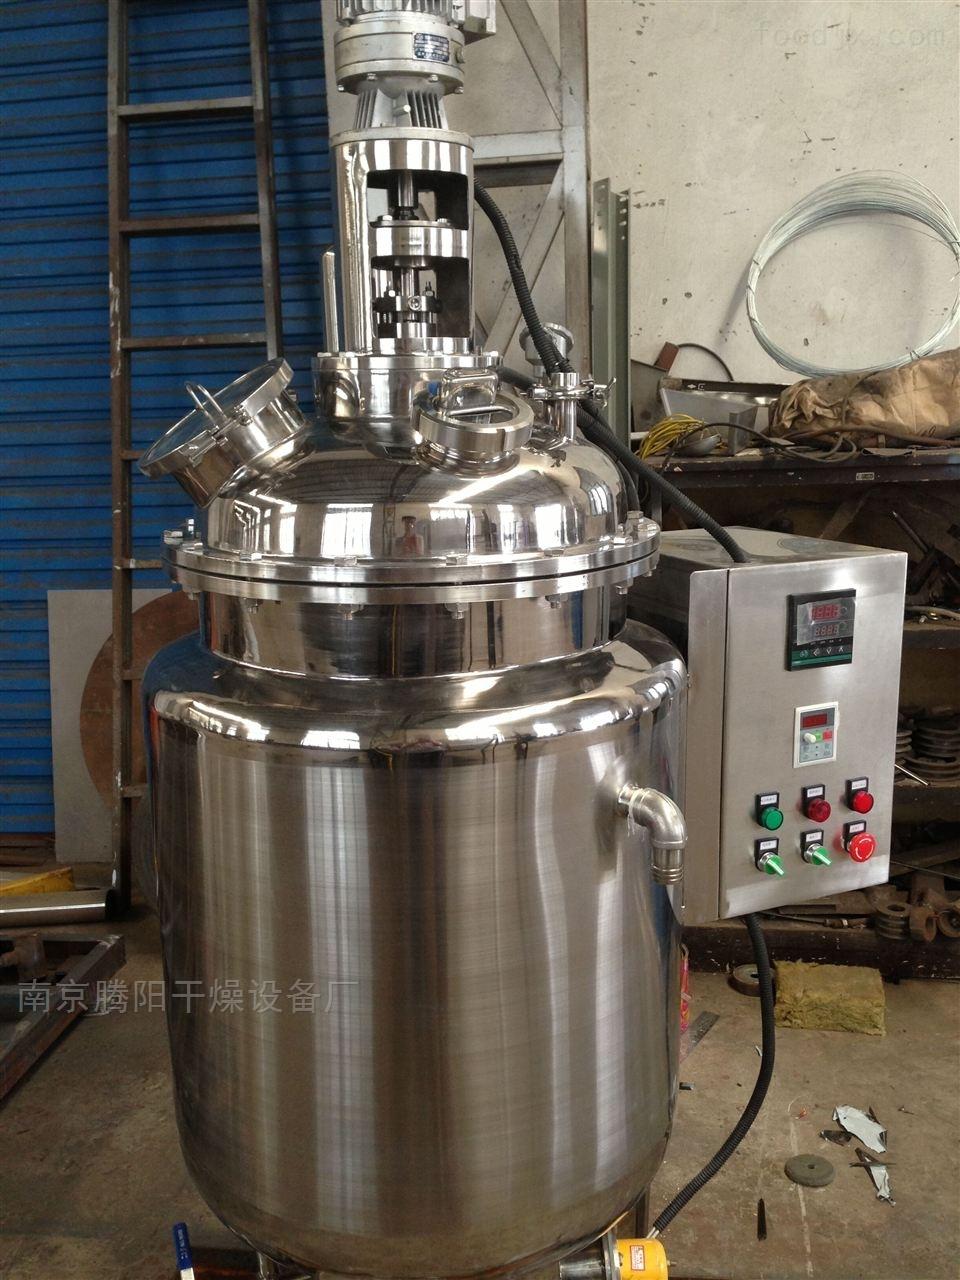 食品混合搅拌设备不锈钢恒温搅拌配料罐